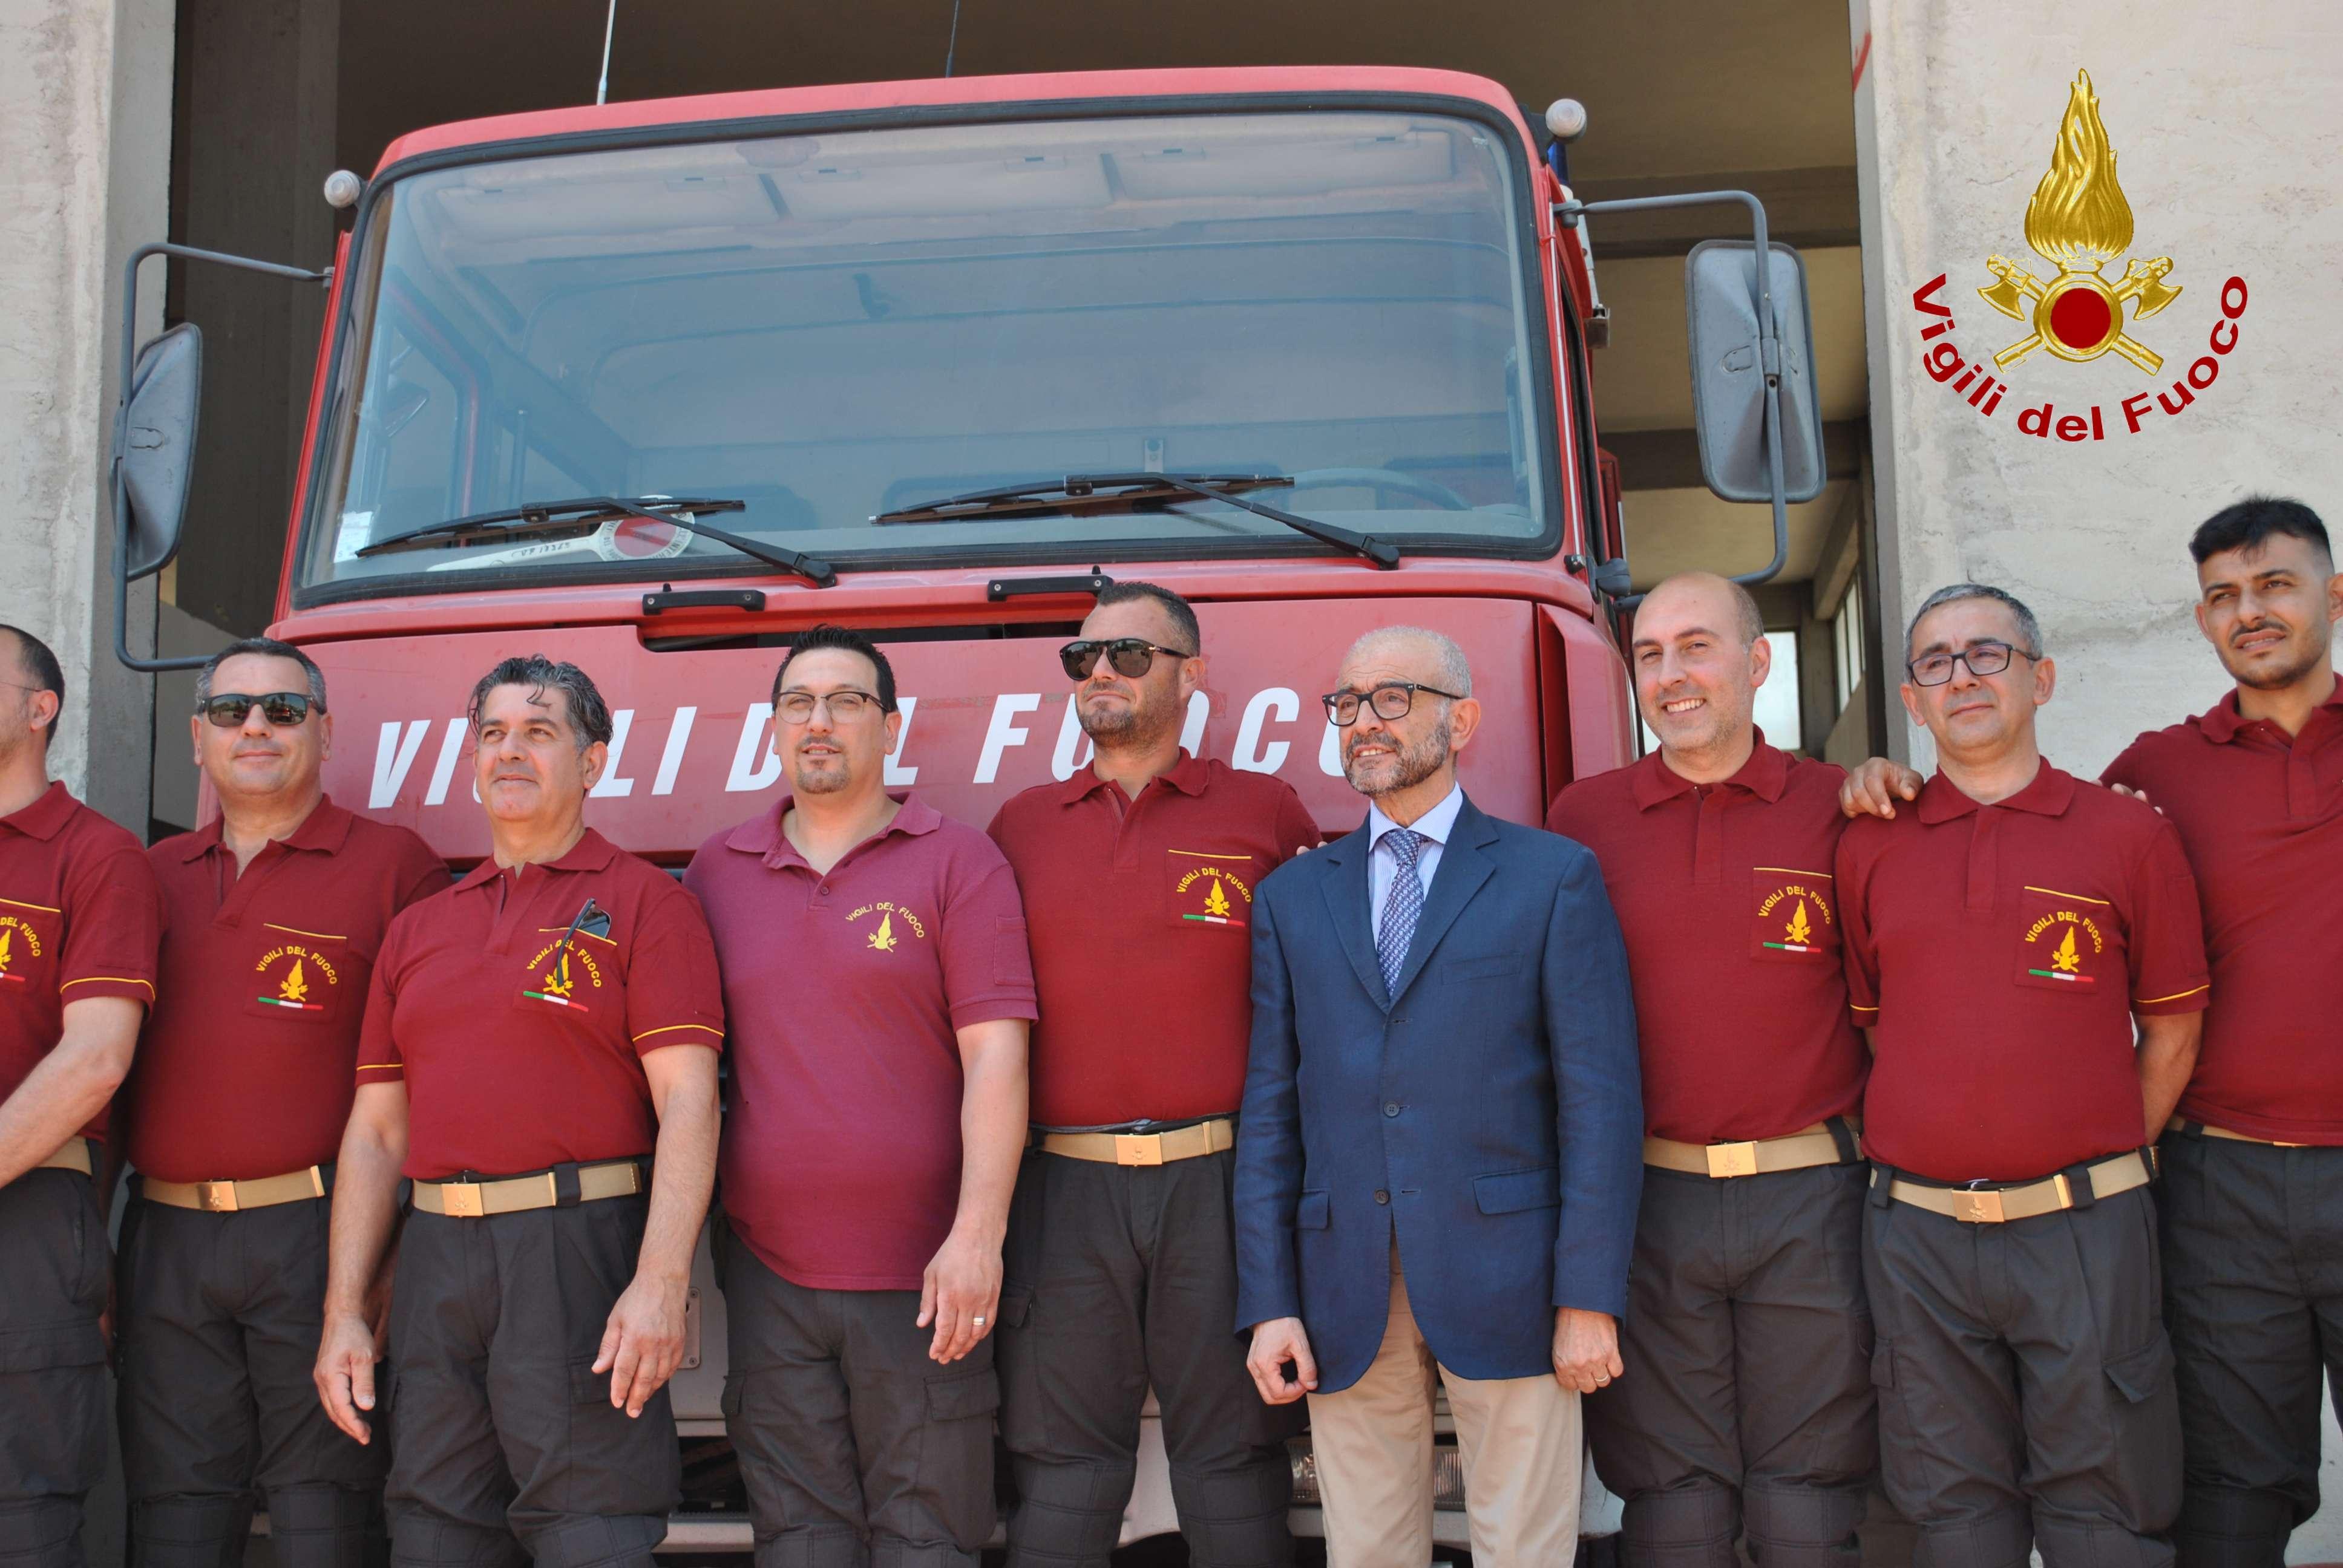 I pompieri traslocano al mercato ortofrutticolo causa lavori